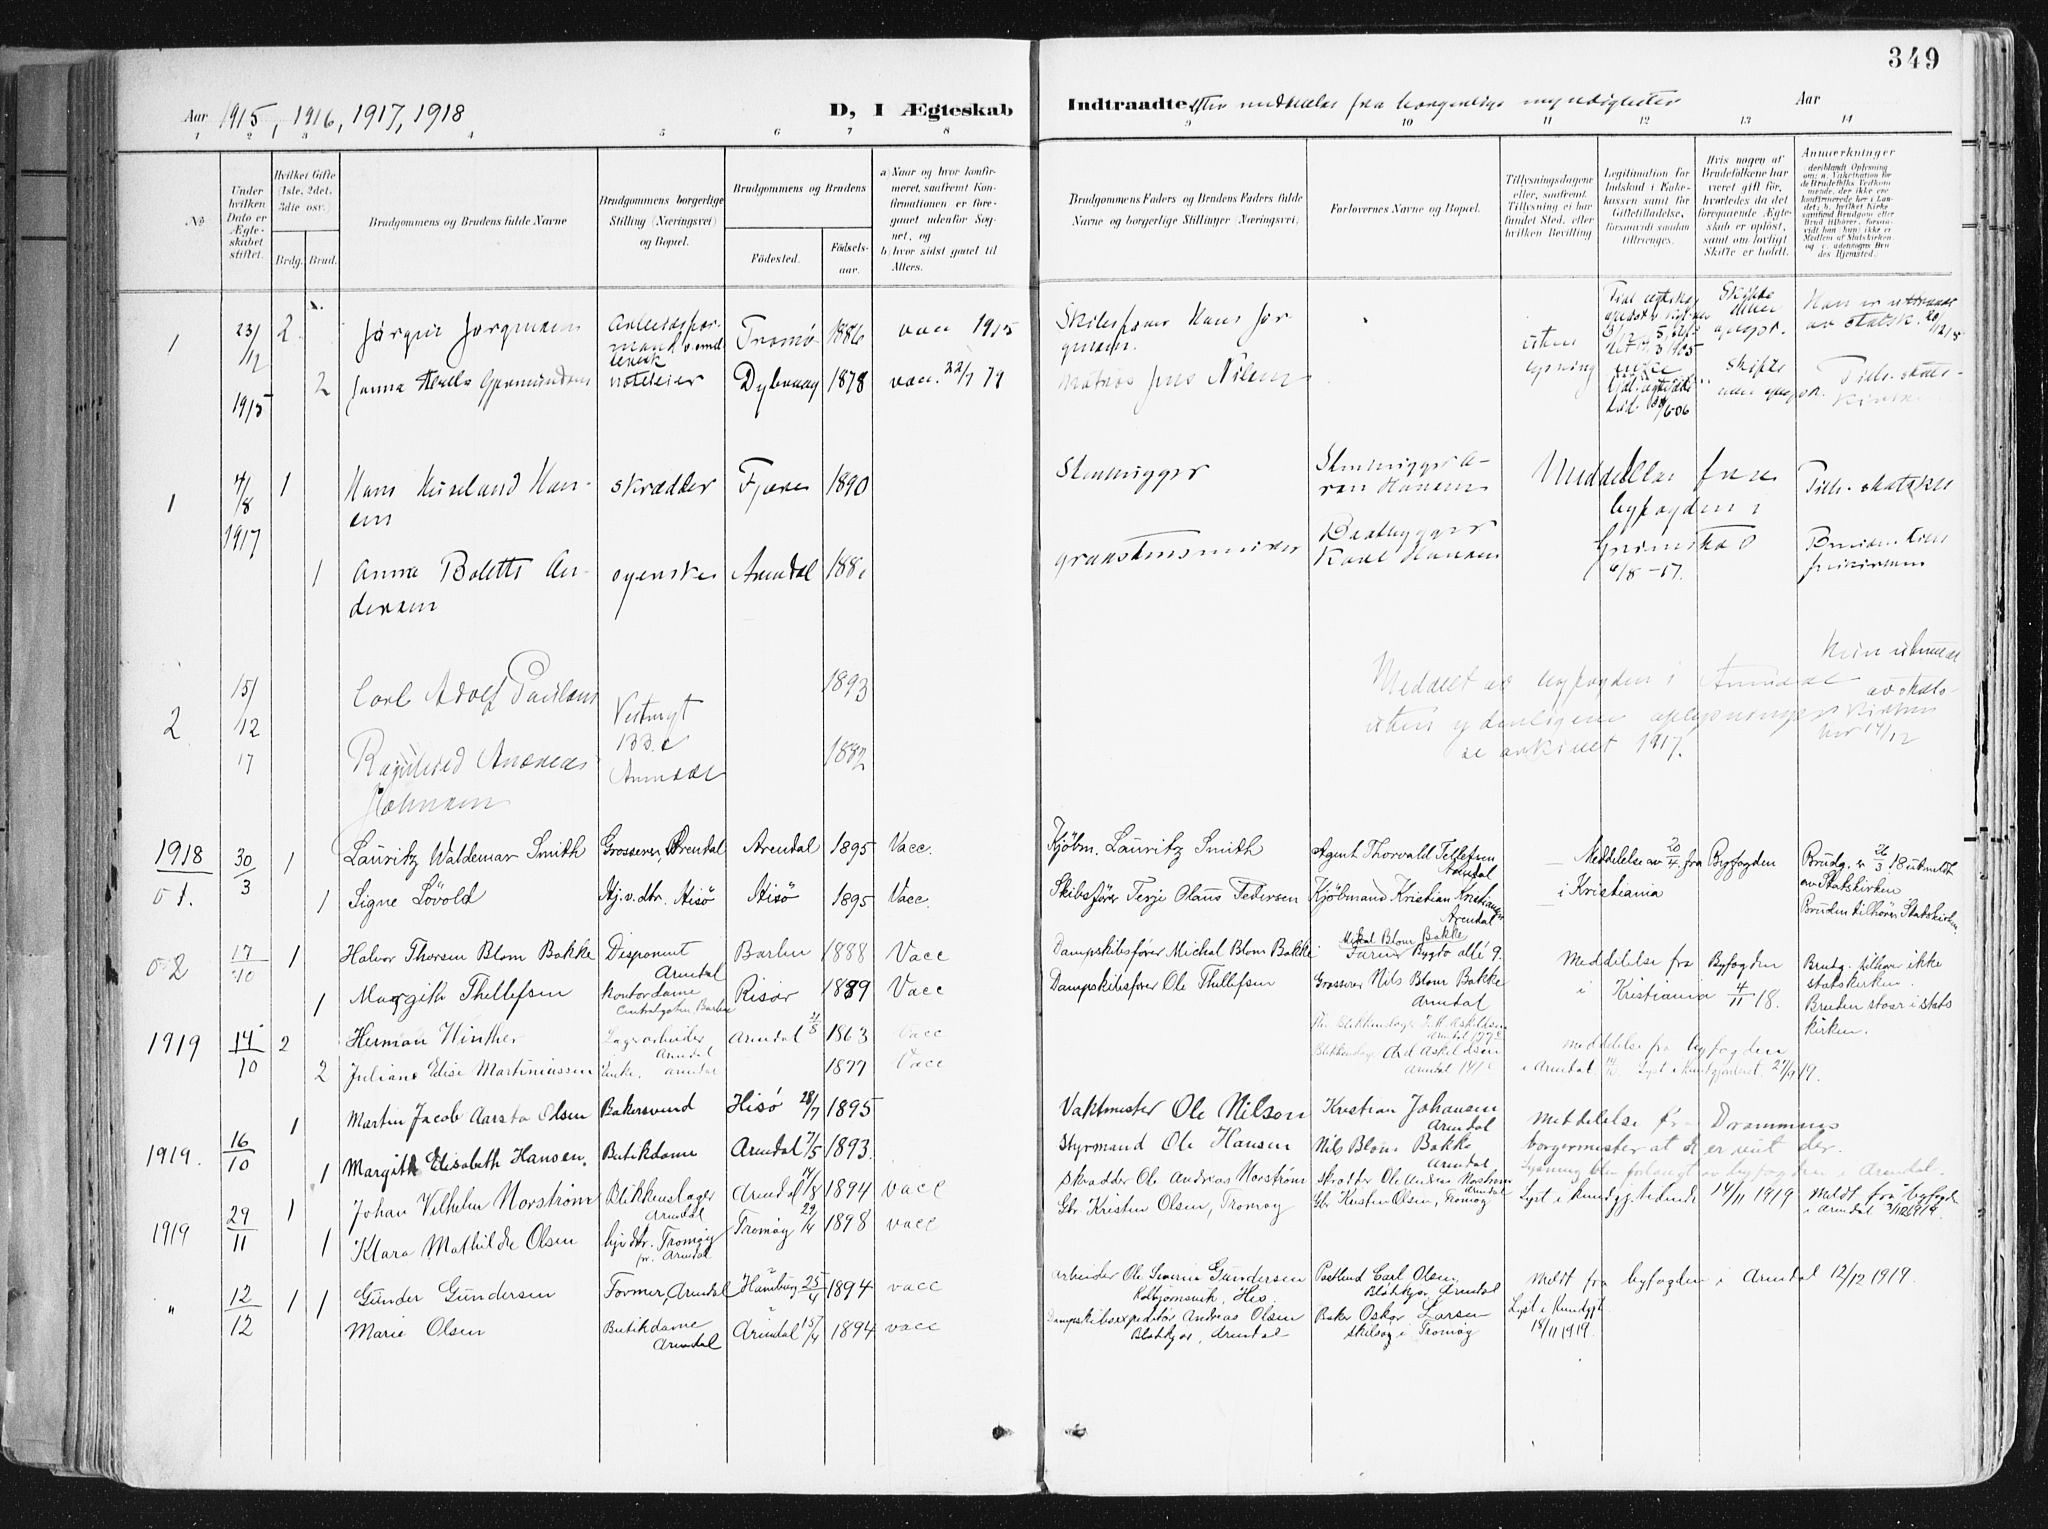 SAK, Arendal sokneprestkontor, Trefoldighet, F/Fa/L0010: Ministerialbok nr. A 10, 1900-1919, s. 349